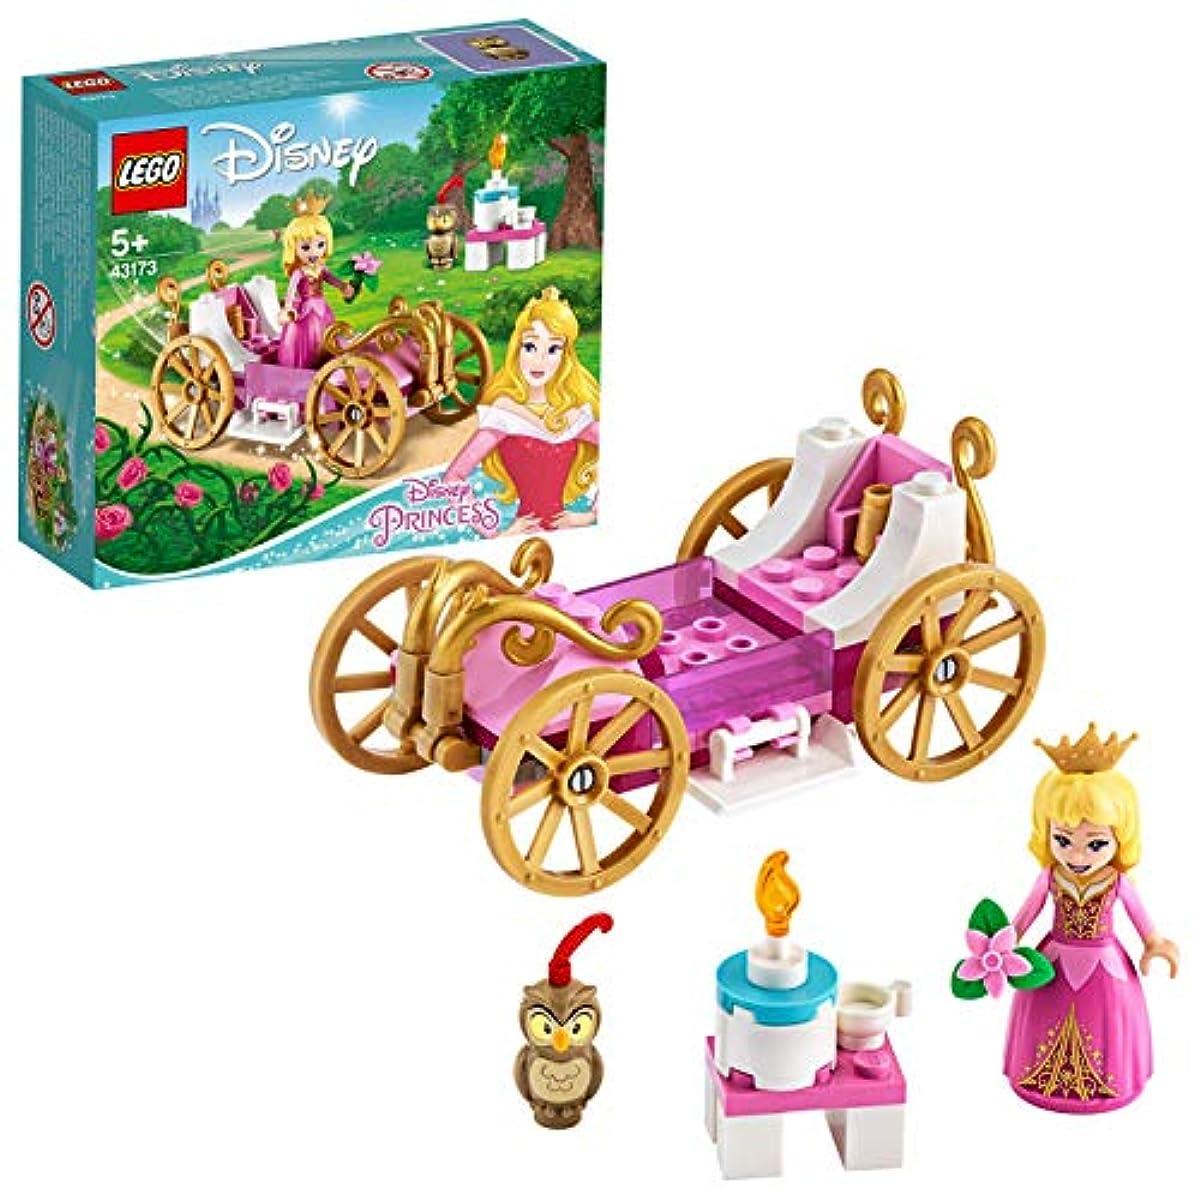 [해외] 레고 디즈니 프린세스 오로라의 왕실 마차 43173